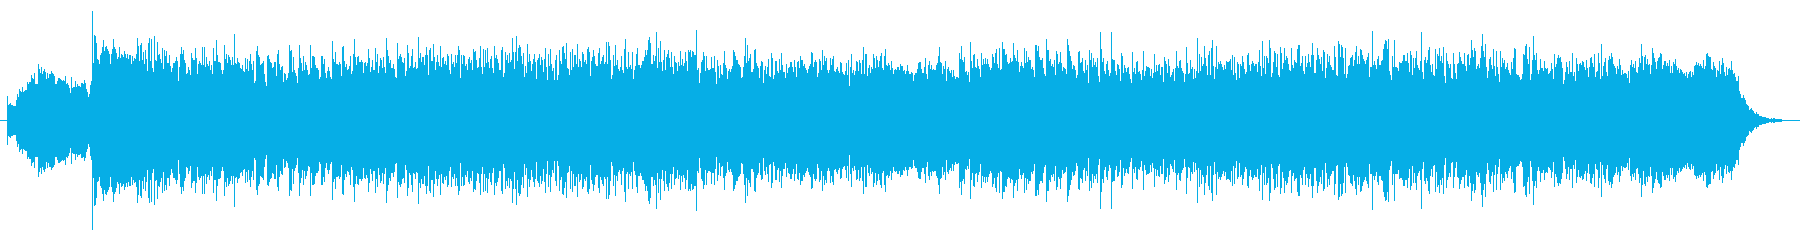 ゲームのBGM 戦闘シーンのBGMとし…の再生済みの波形